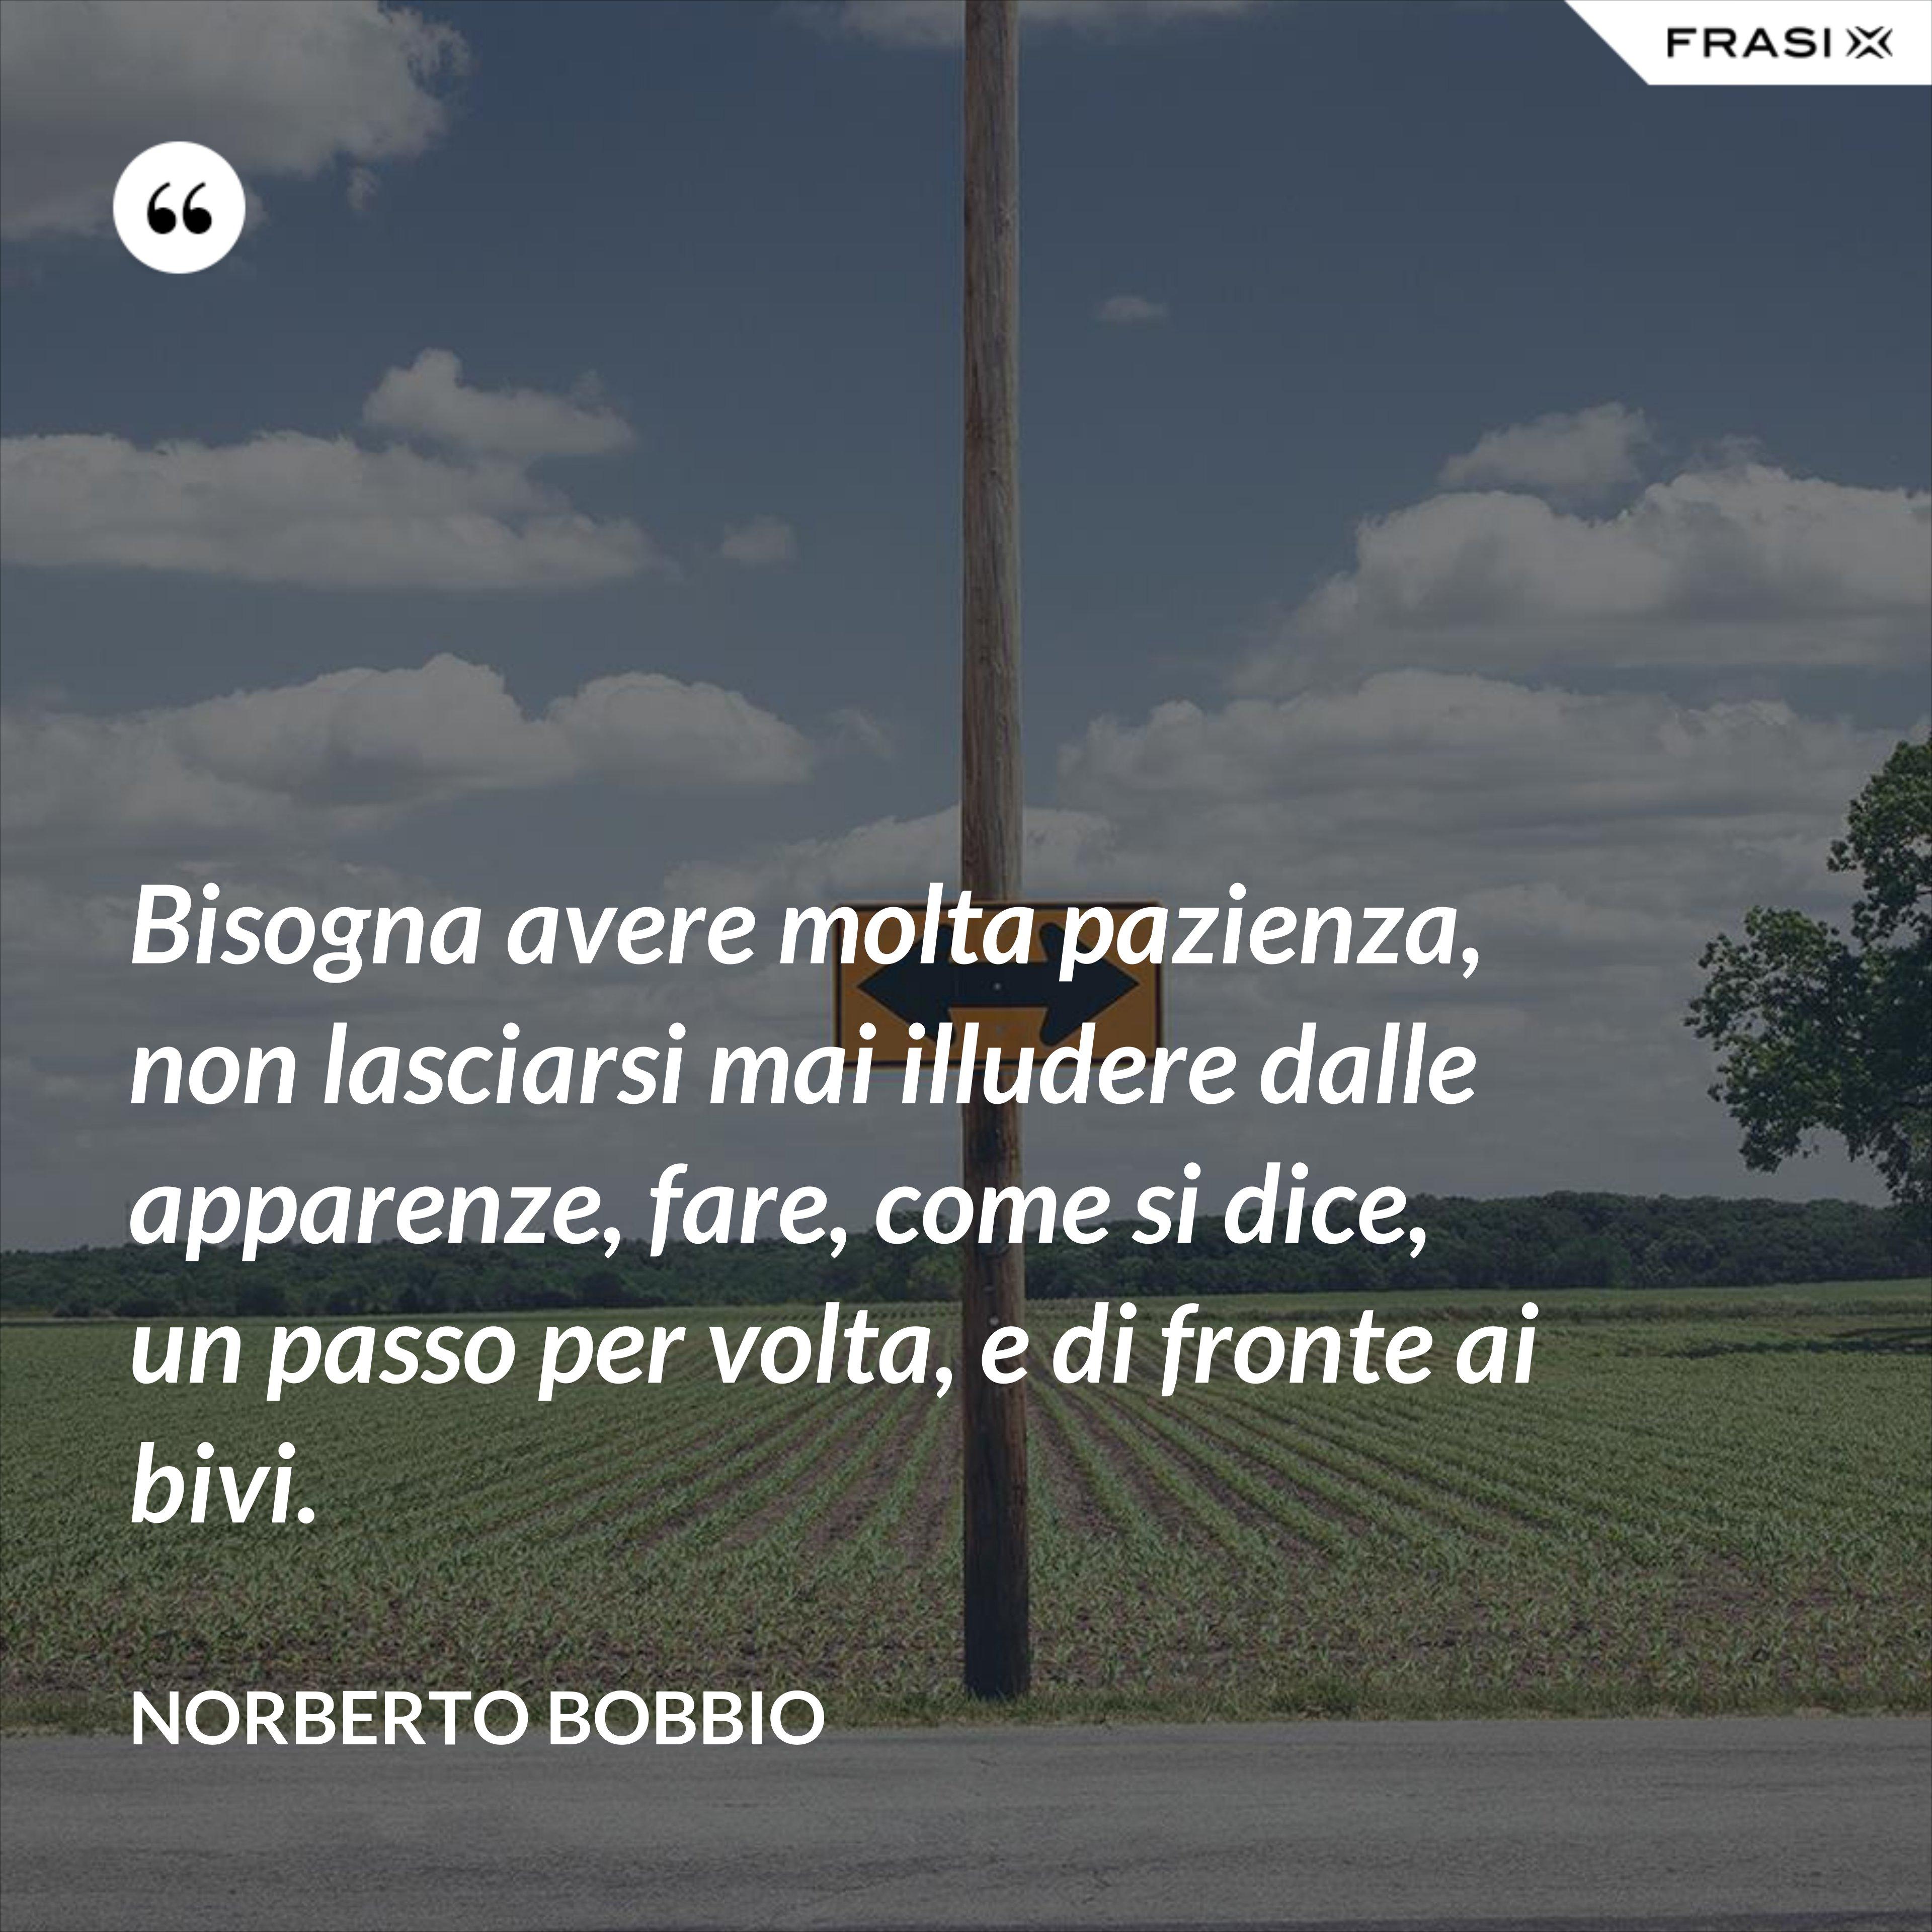 Bisogna avere molta pazienza, non lasciarsi mai illudere dalle apparenze, fare, come si dice, un passo per volta, e di fronte ai bivi. - Norberto Bobbio